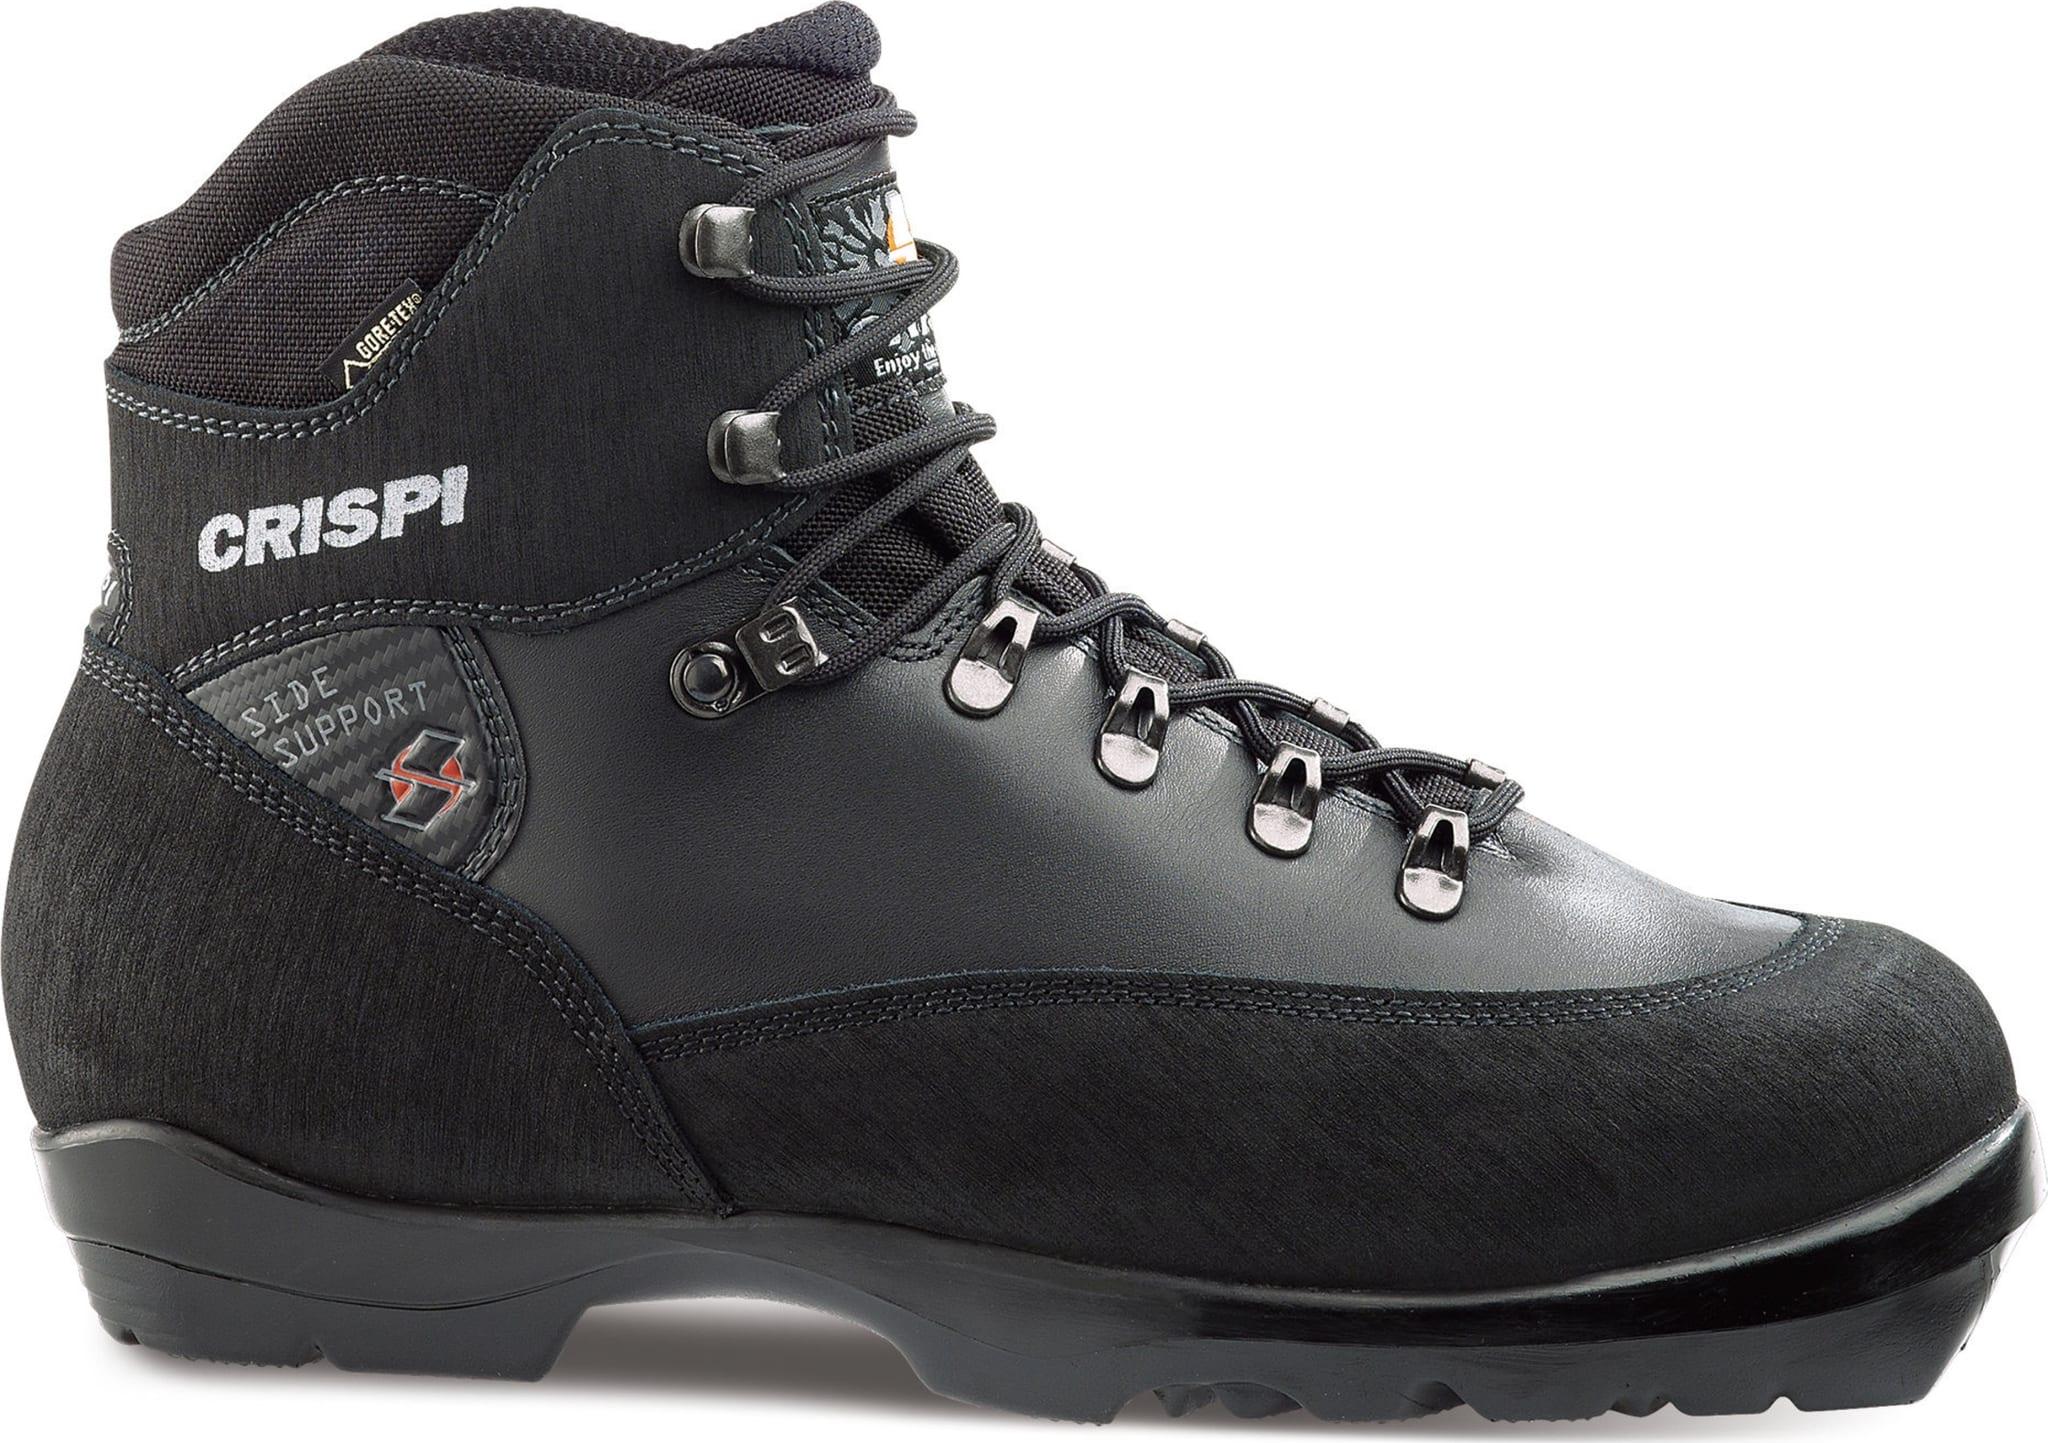 Komfortabel sko for turer i marka og på fjellet